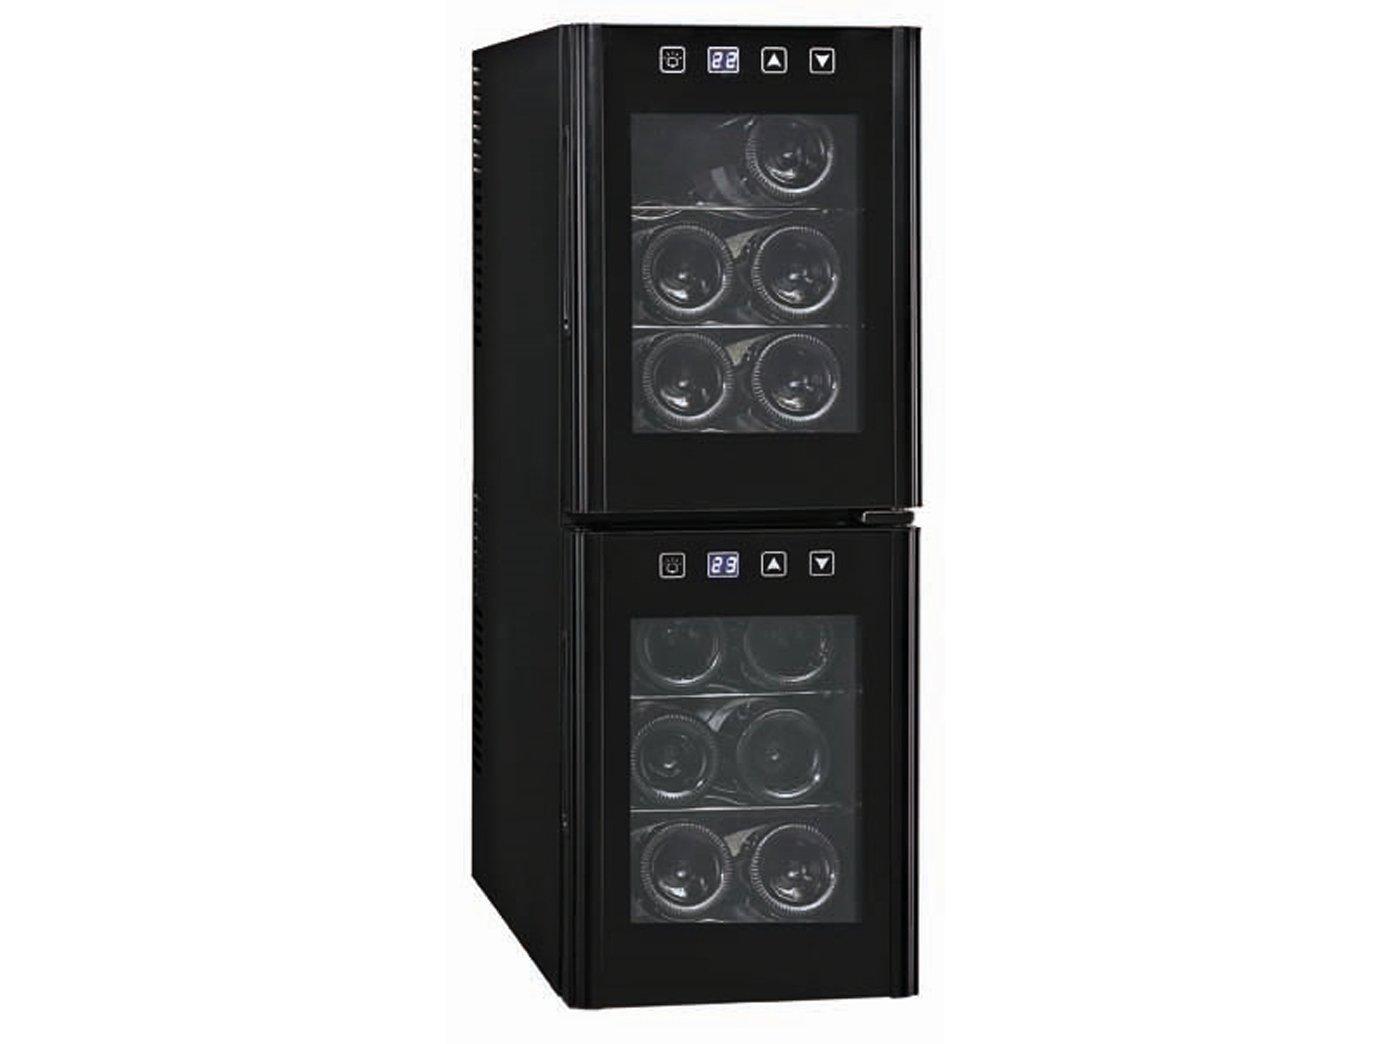 Mini Kühlschrank Mit Absorberkühlung : Profi weinkühlschrank für flaschen ° c getrennt